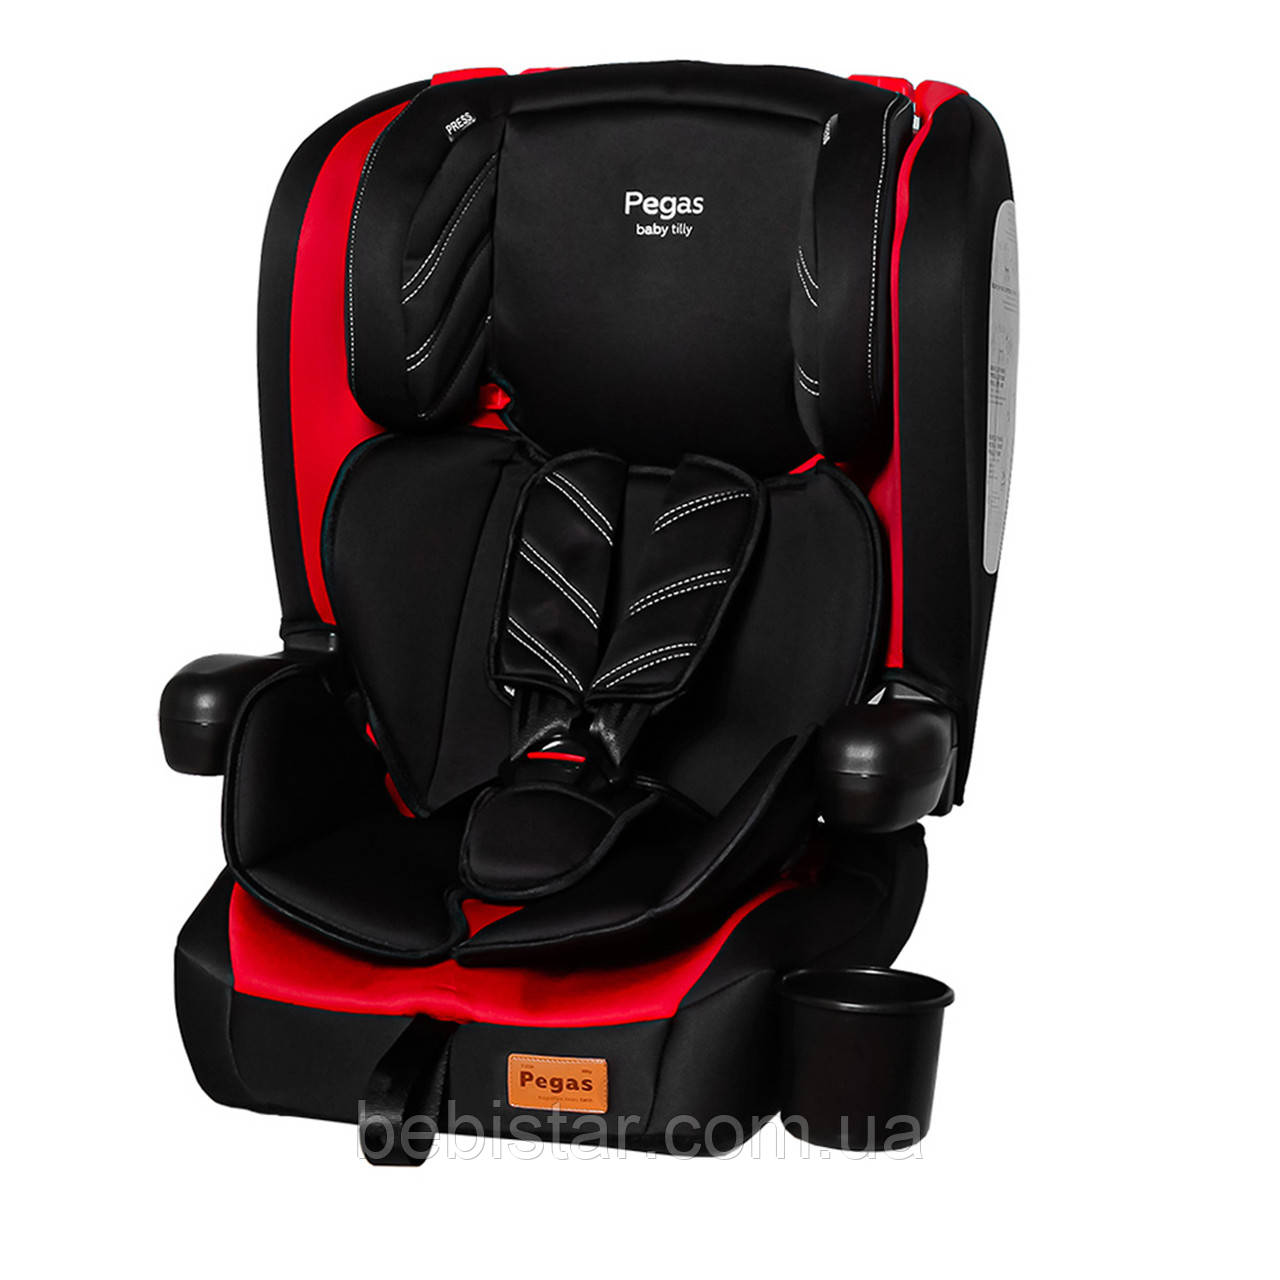 Детское автокресло черно-красное TILLY Pegas T-533 Red группа 1/2/3 от 9 кг до 36 кг детям от 1 до 12 лет